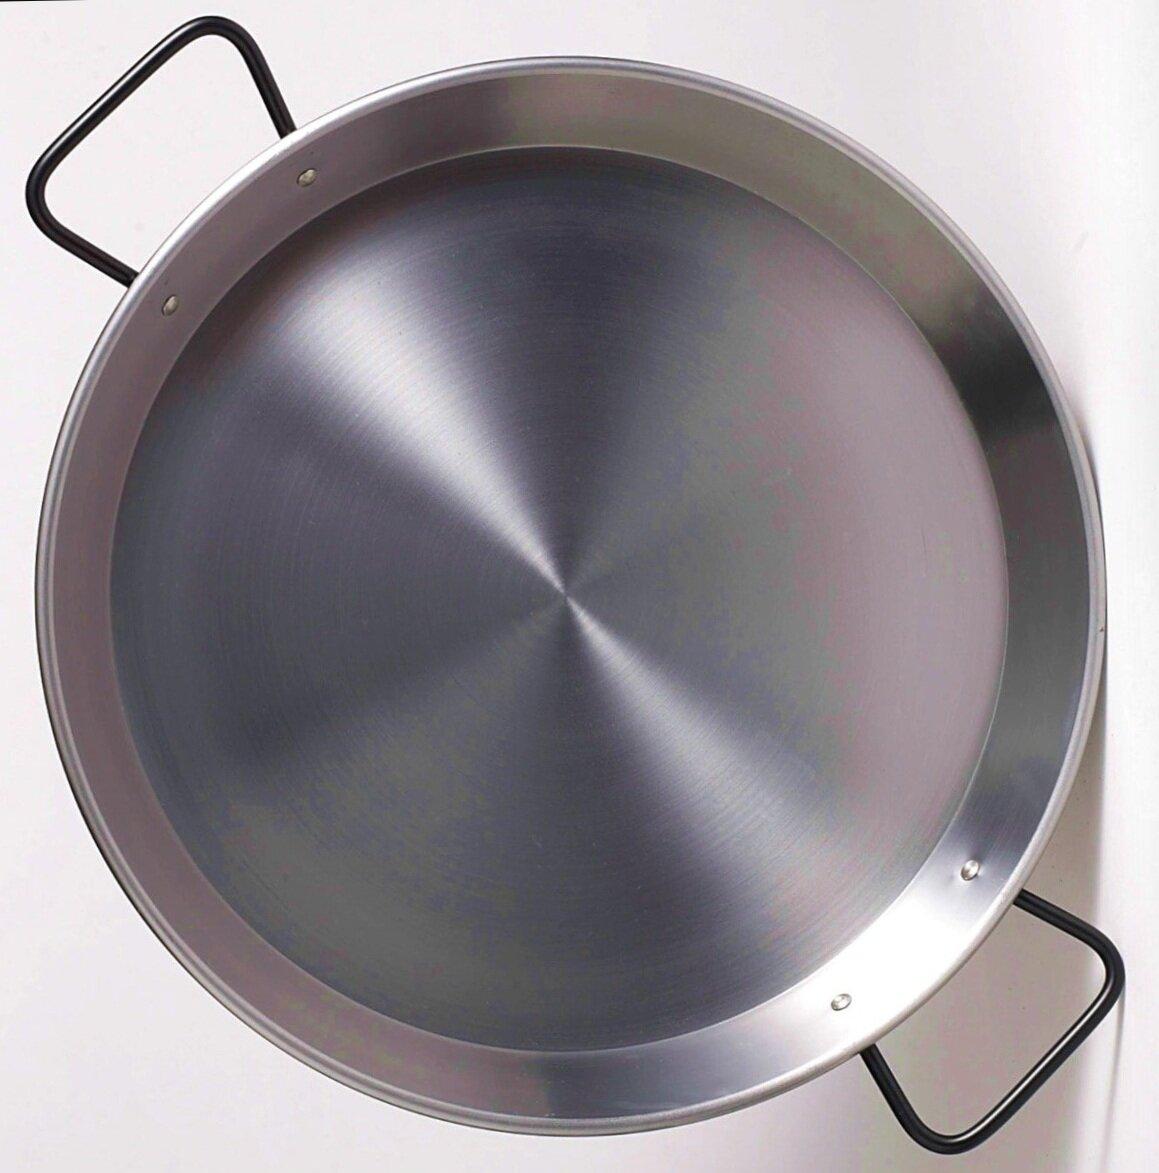 Double Gauge Steel Pan - Best for Induction cooktops